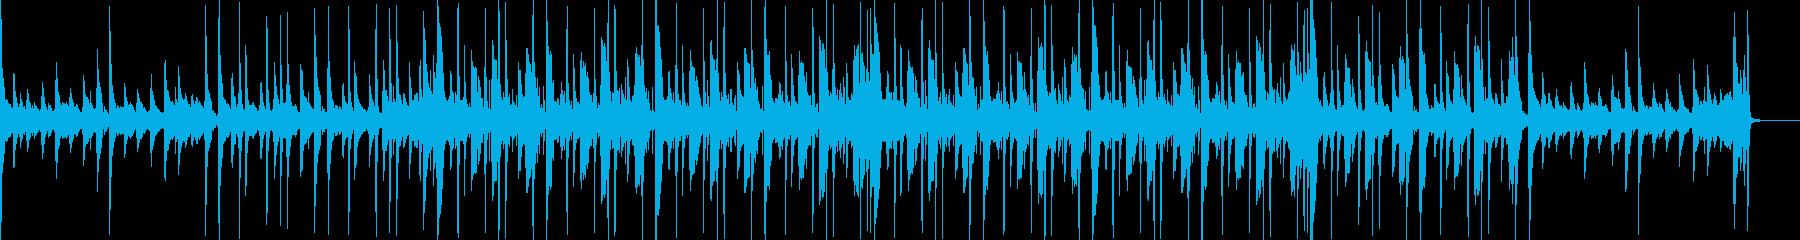 アコースティックギターが目立つヒーリングの再生済みの波形